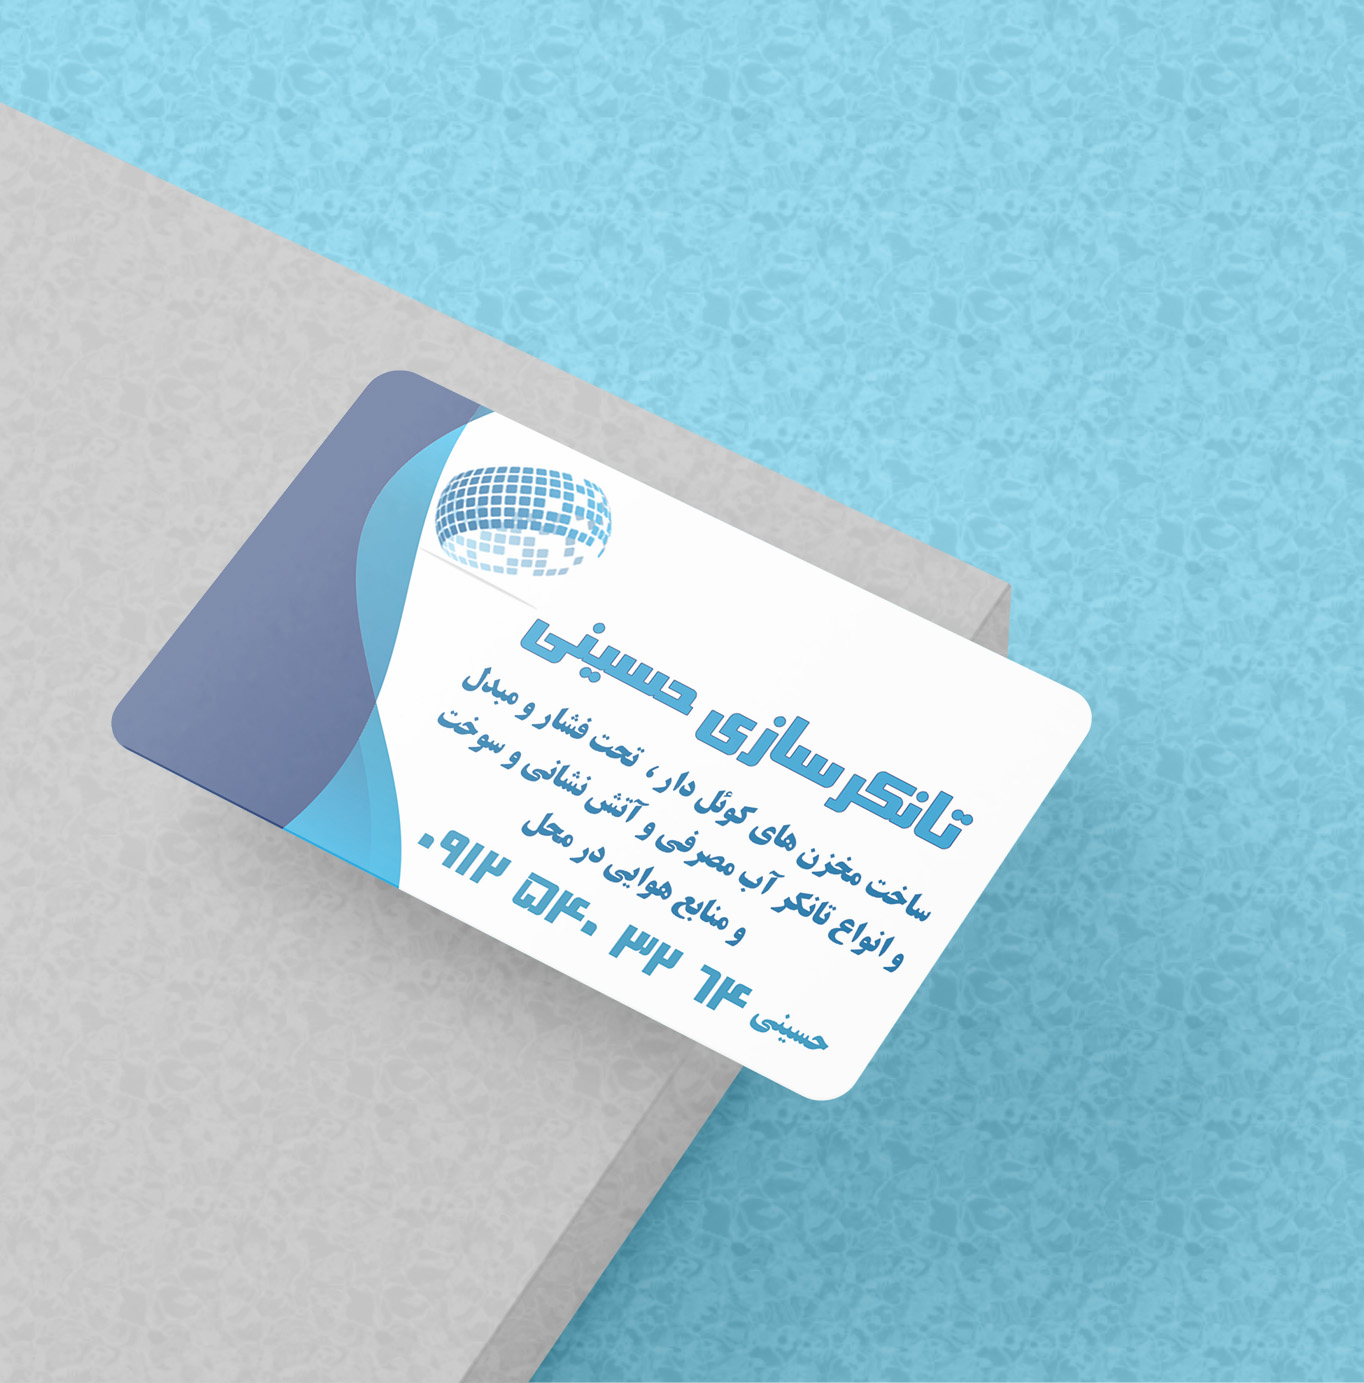 نمونه فعالیت ها و کارهای مجتمع هنری خط اتحاد | طراحی مجموعه اوراق اداری | خدمات طراحی و نمایشگاهی | مجتمع هنری خط اتحاد | طراحی کارت ویزیت برای تانکر سازی حسینی - سال 1397